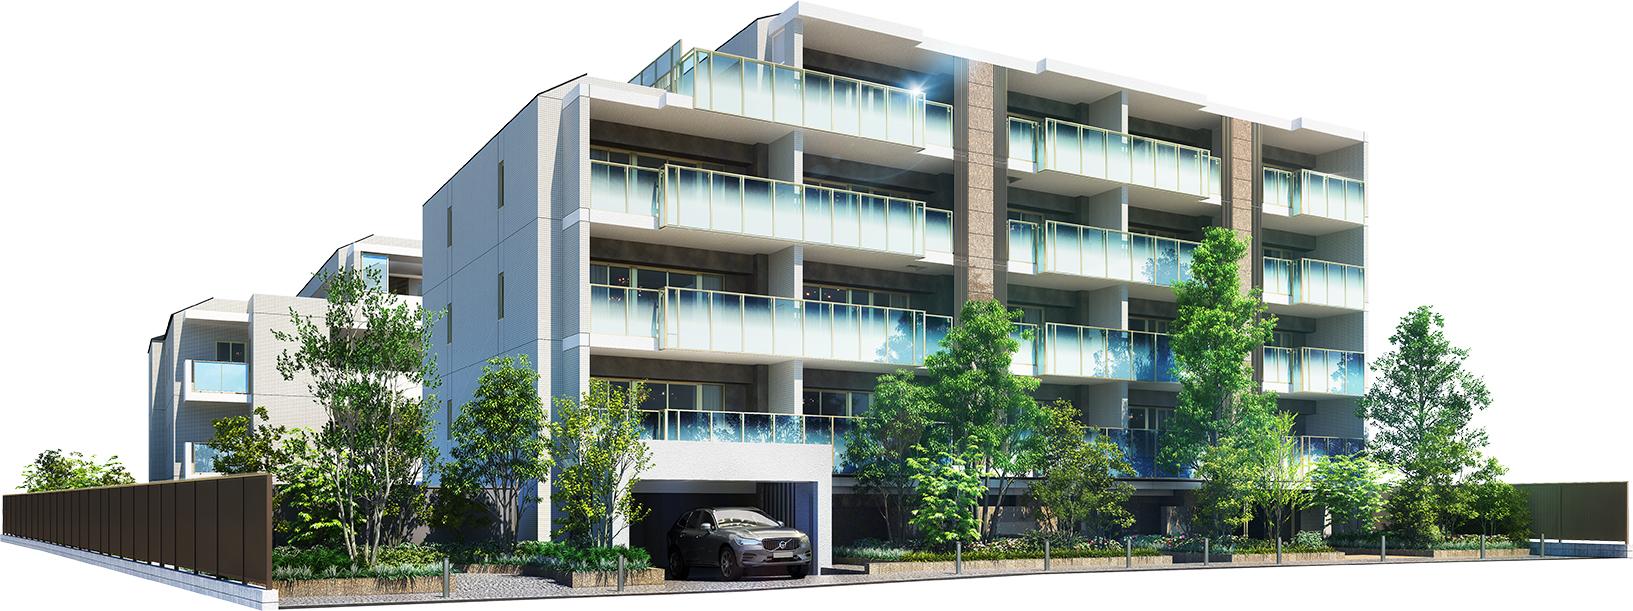 ザ・パークハウス 駒沢レジデンスの外観画像